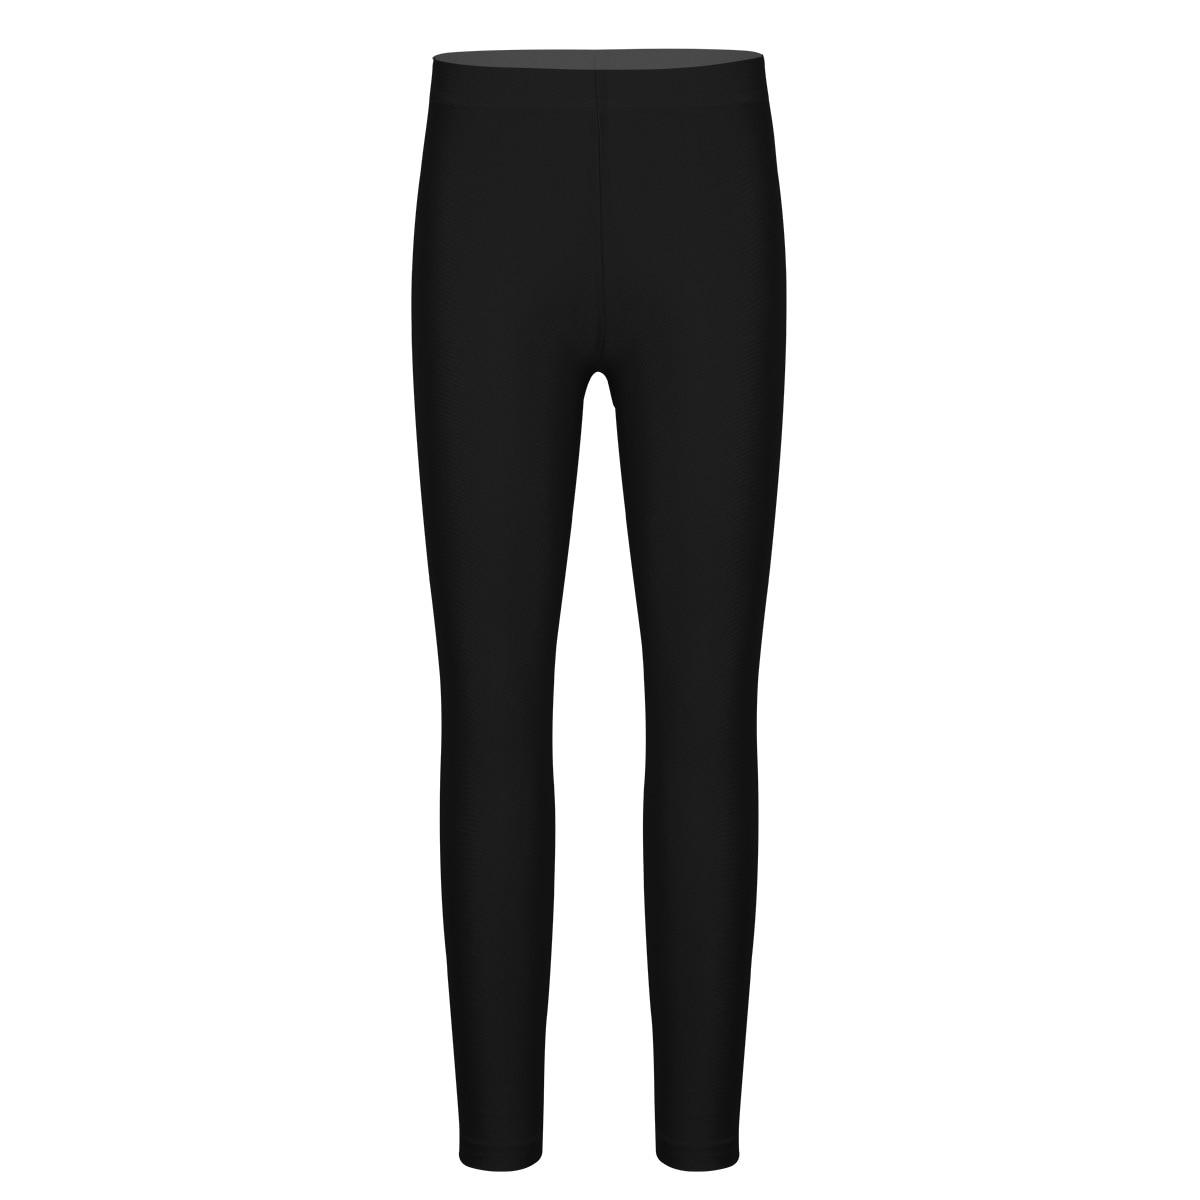 ninos-ninas-baile-medias-de-los-ninos-de-color-solido-elastico-sin-suave-medias-polainas-gimnasia-yoga-ballet-pantalones